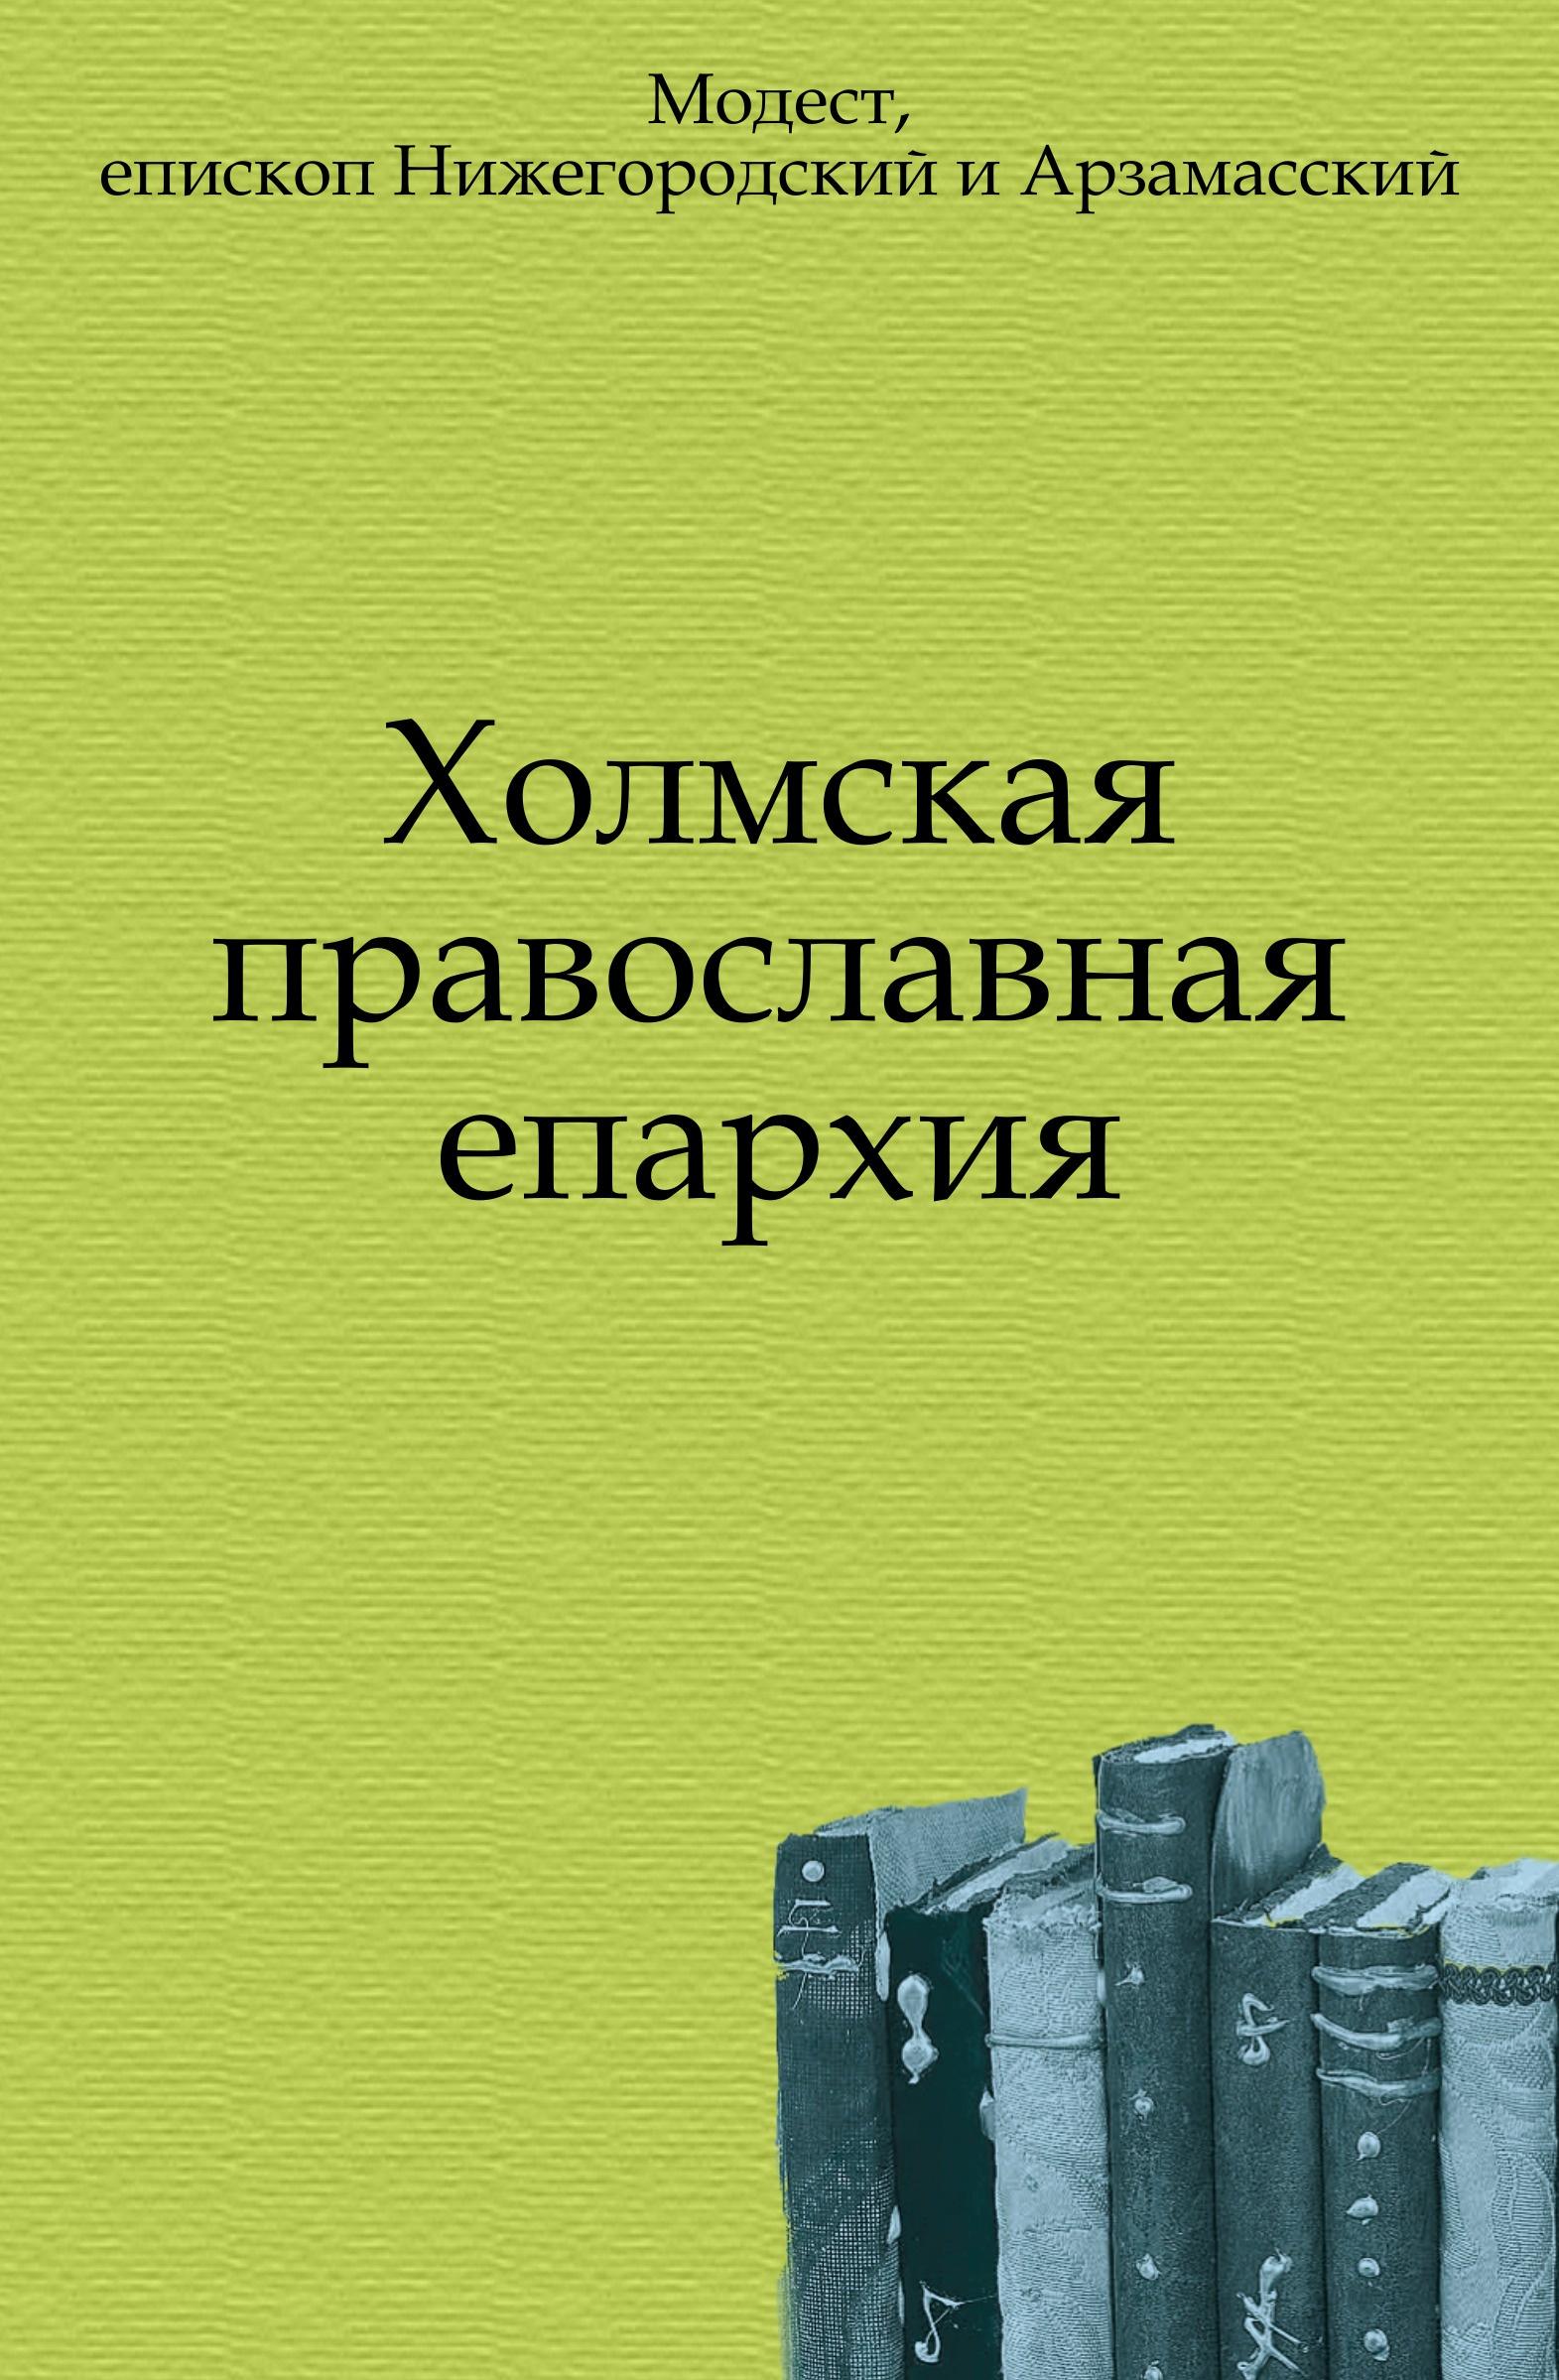 Модест Холмская православная епархия